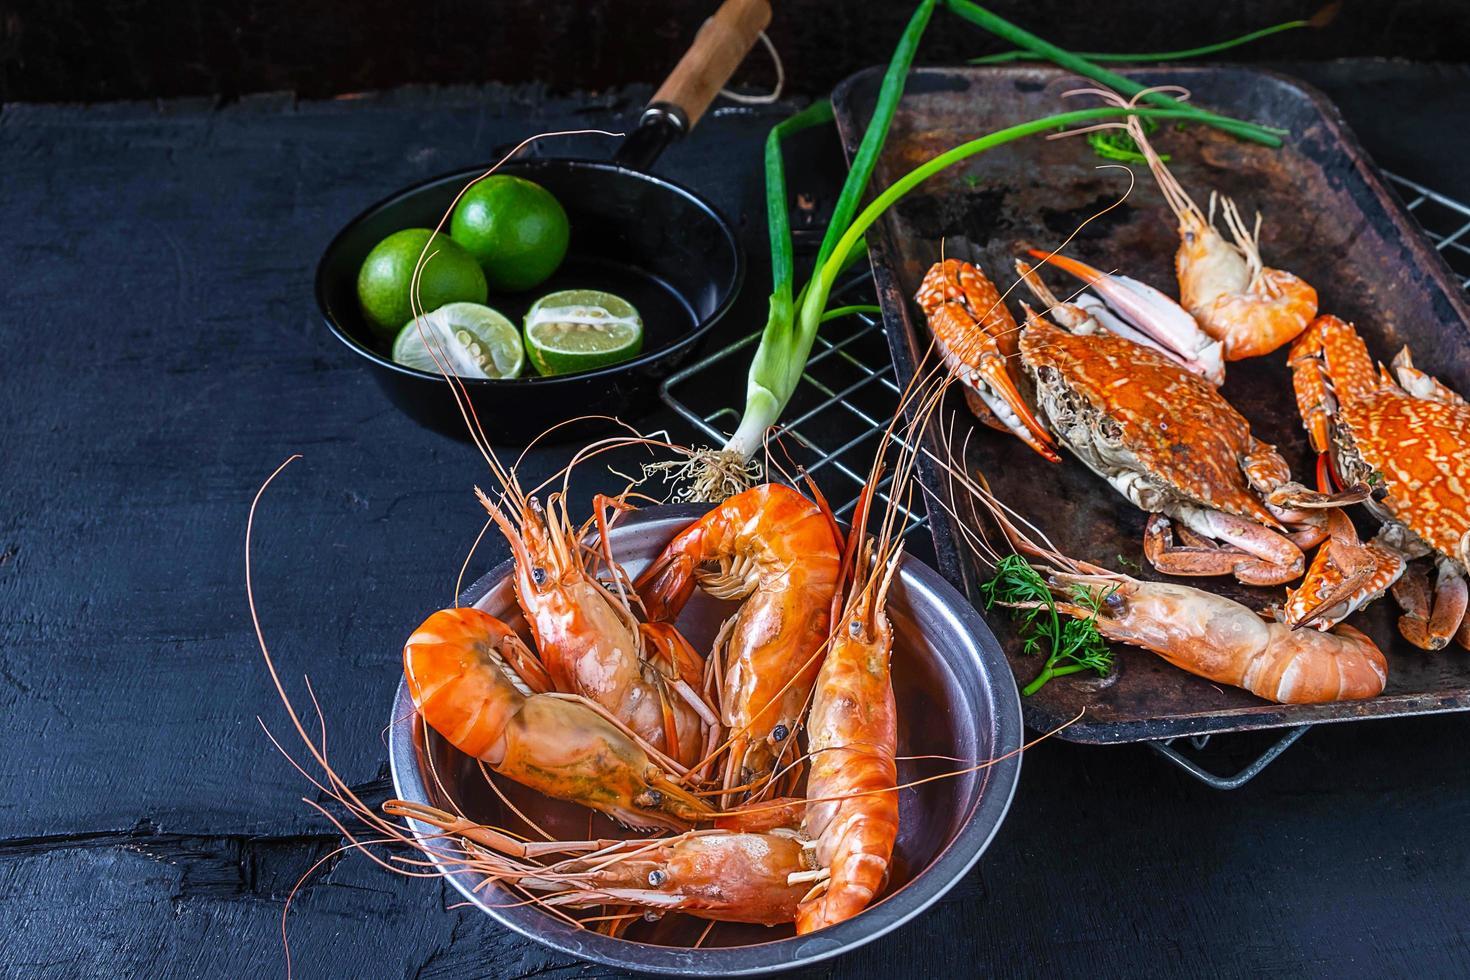 fruits de mer sur fond sombre photo